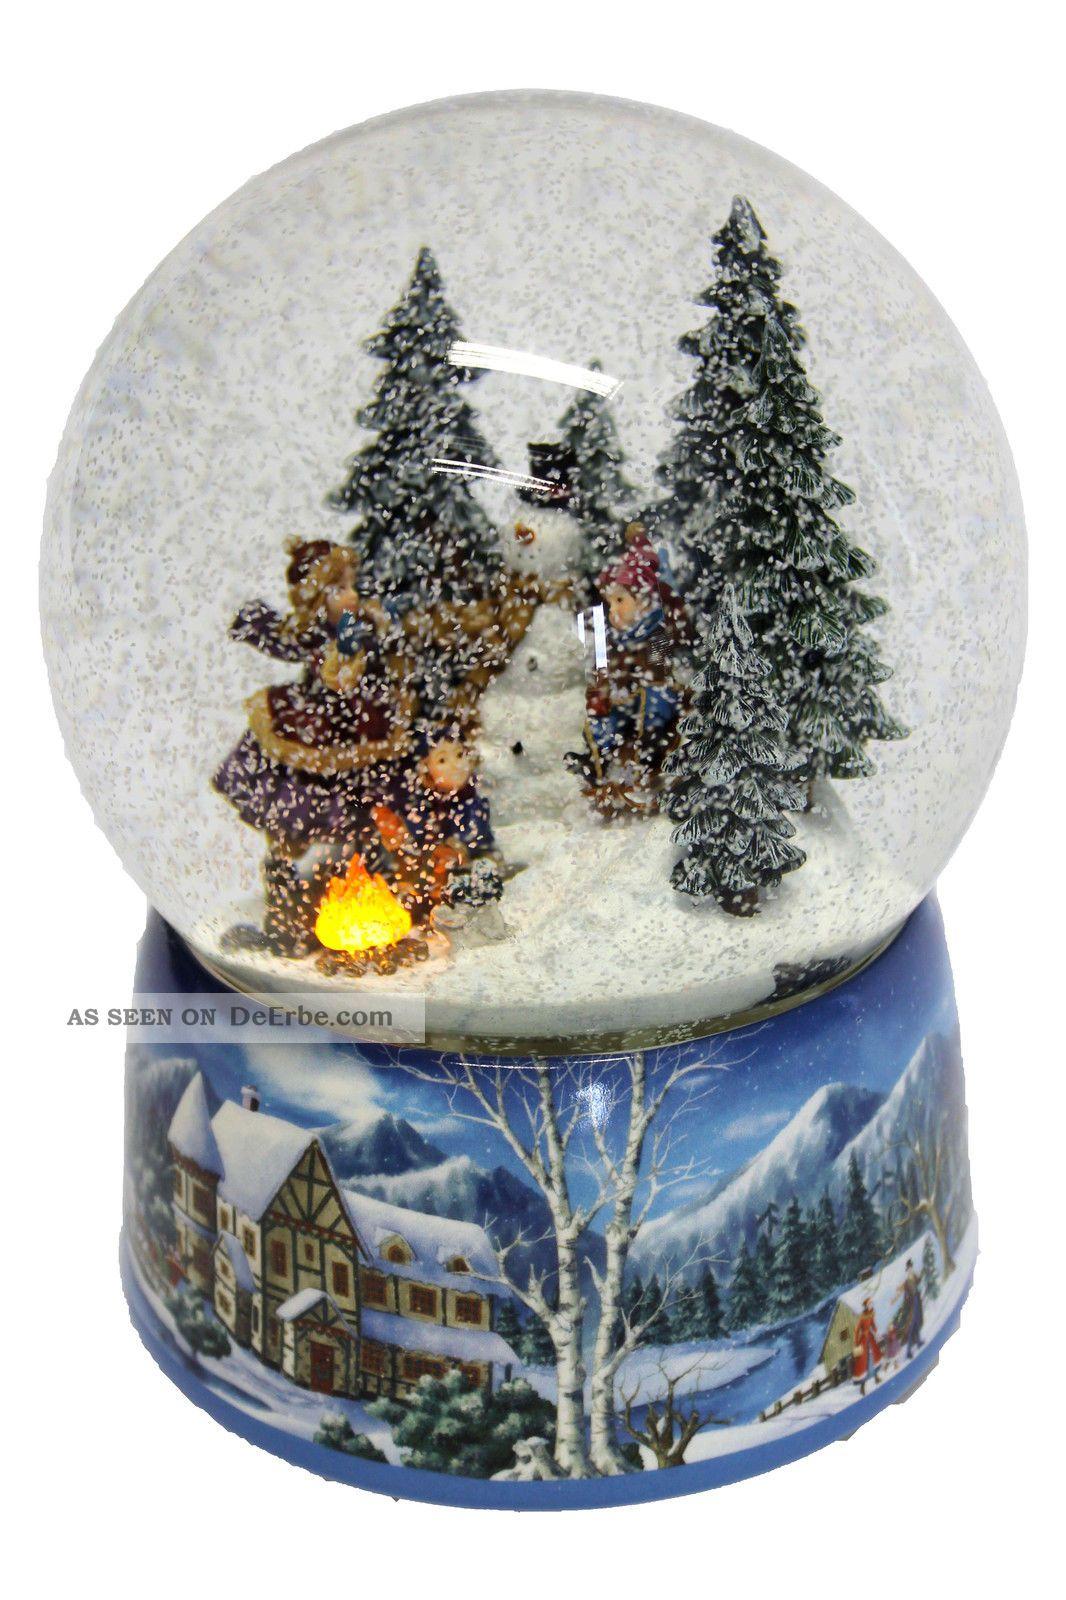 riesen schneekugel xxl schlittenfahrt selbst schneiend. Black Bedroom Furniture Sets. Home Design Ideas